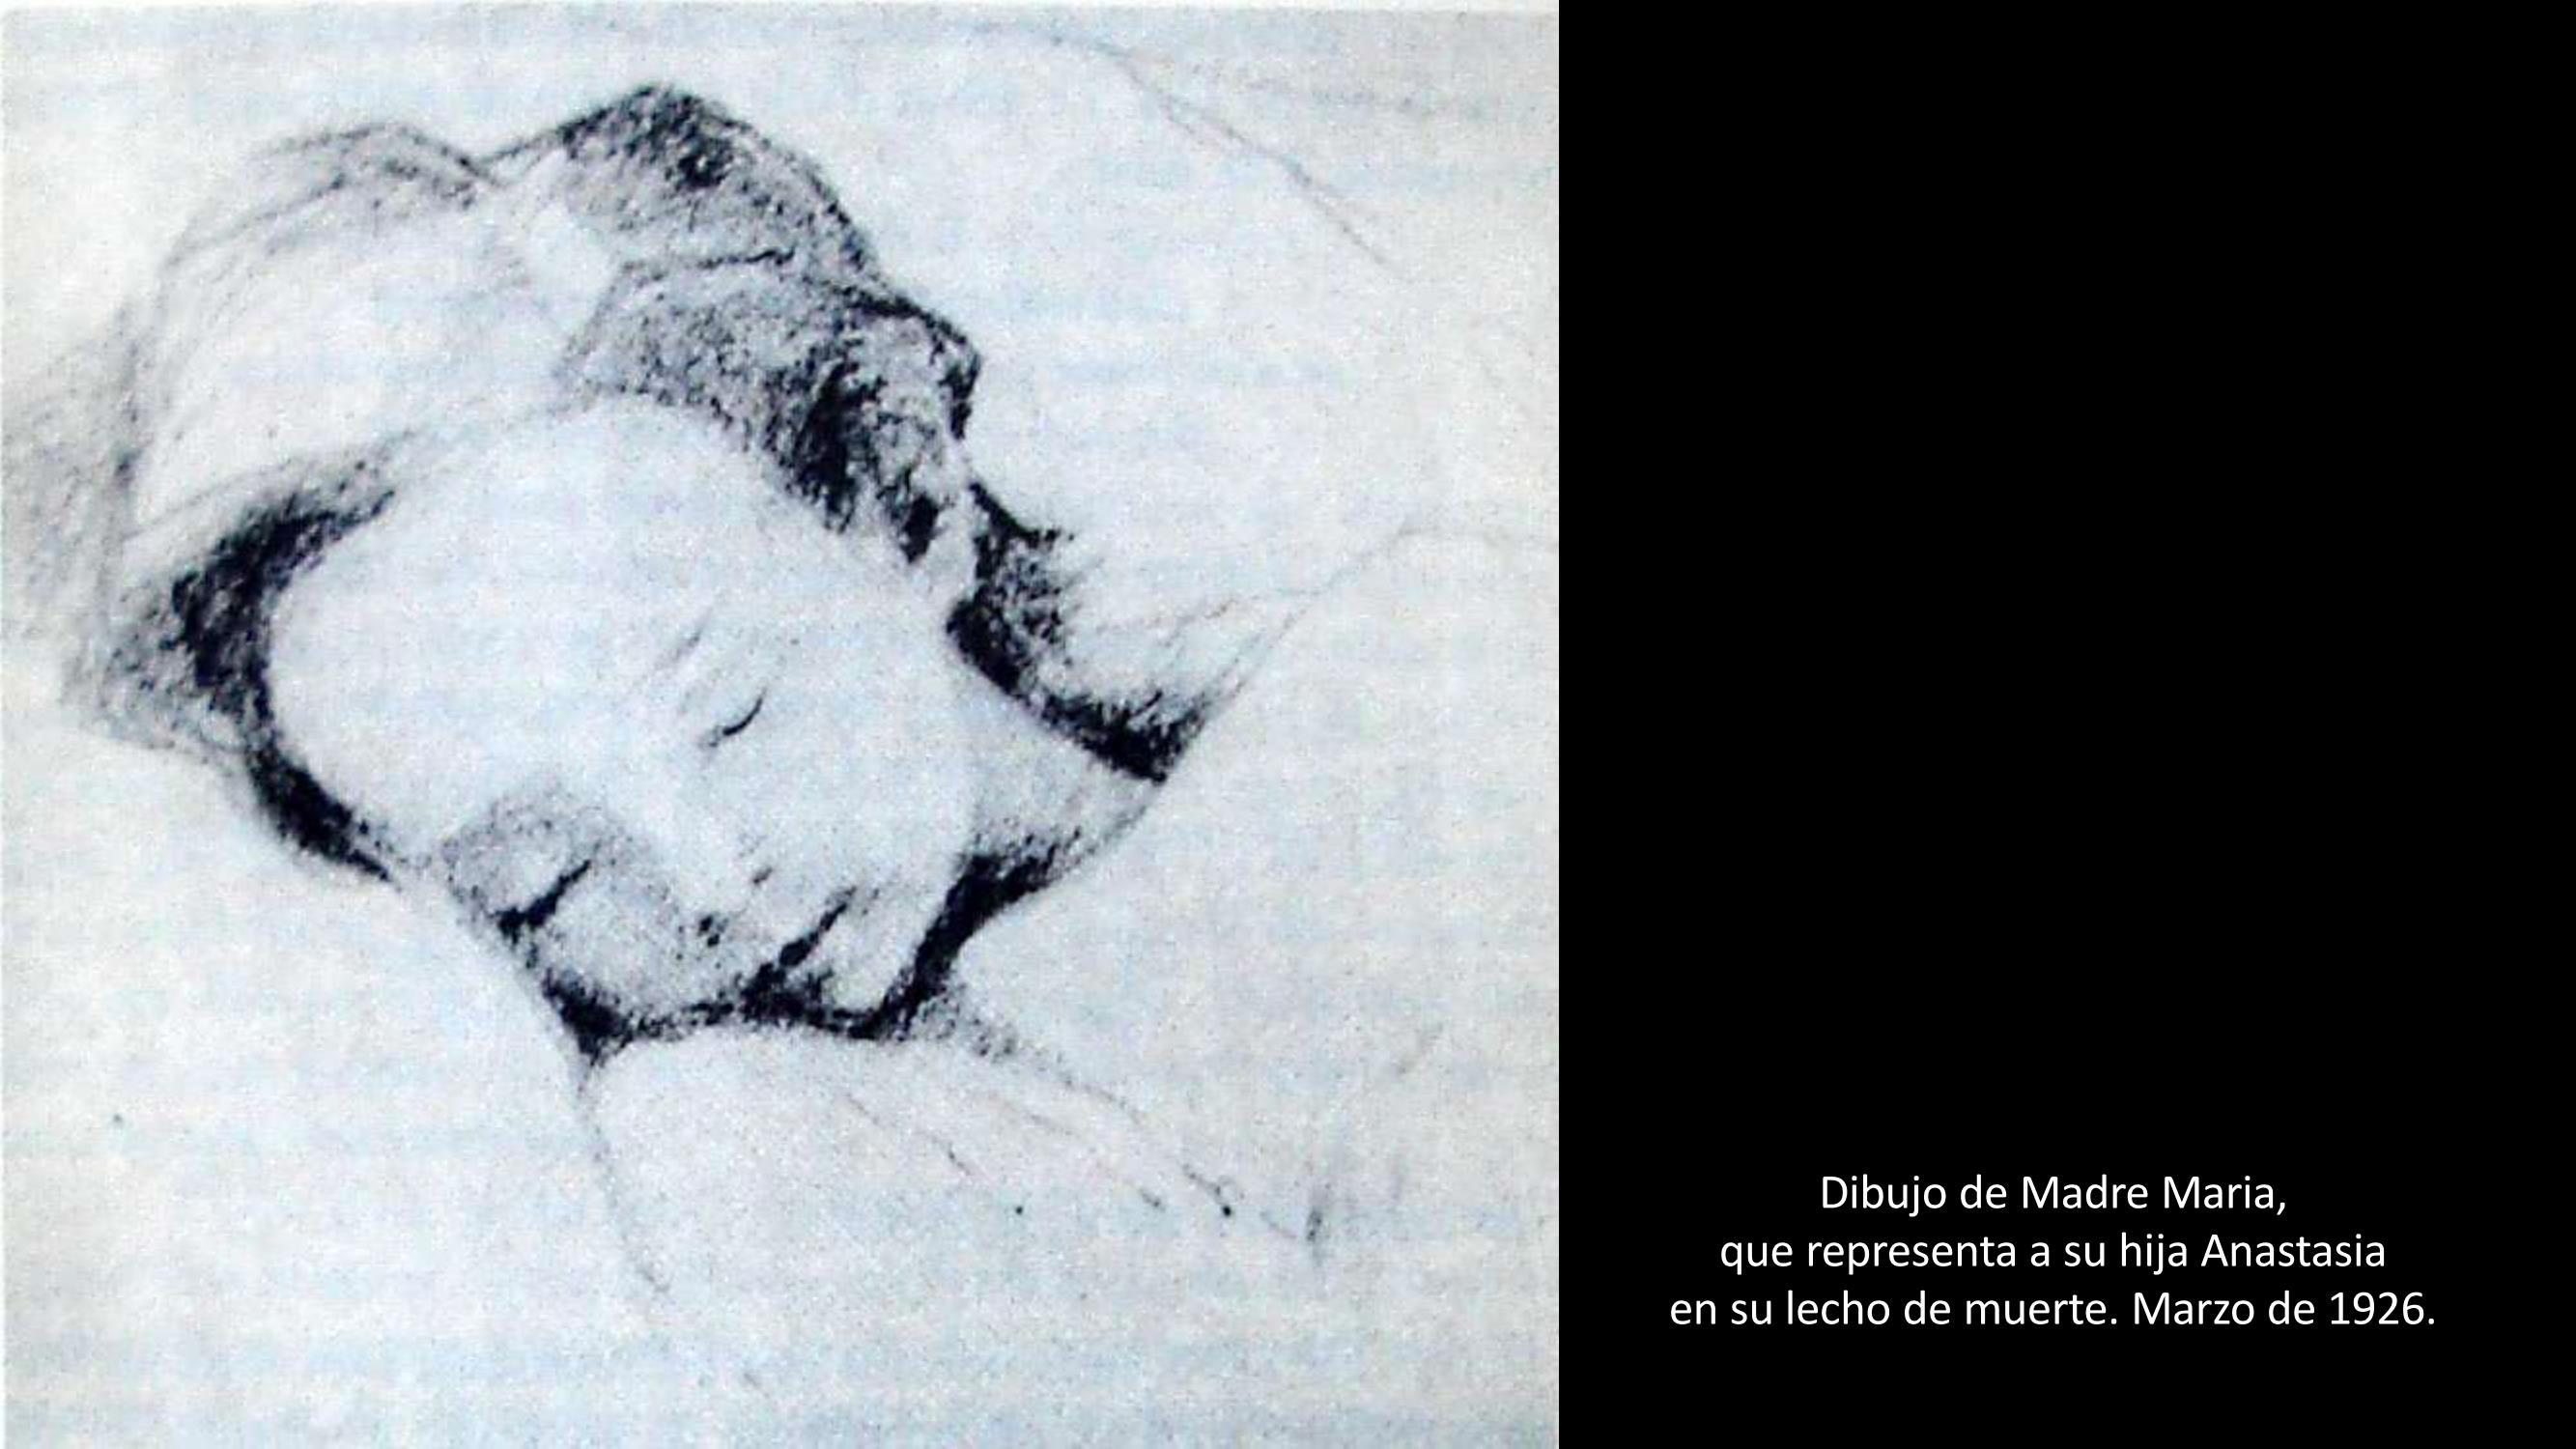 [37] Pintura de Madre María, que representa a su hija Anastasia en su lecho de muerte